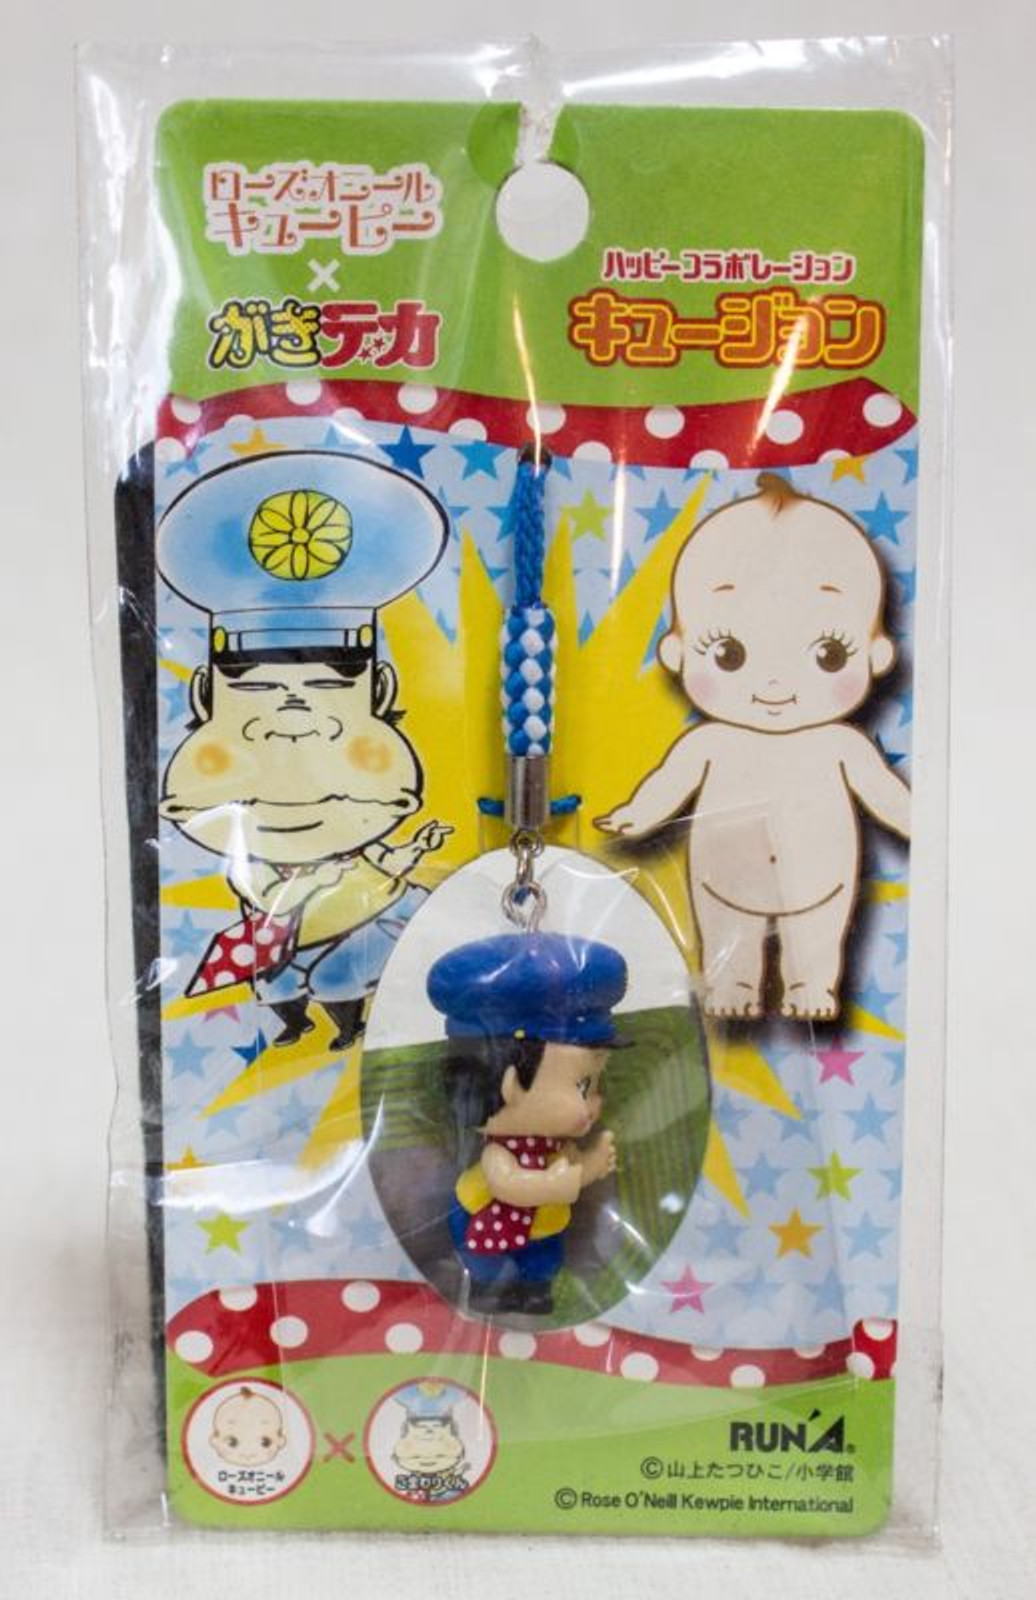 Gakideka Rose O'neill Kewpie Kewsion Strap JAPAN ANIME MANGA